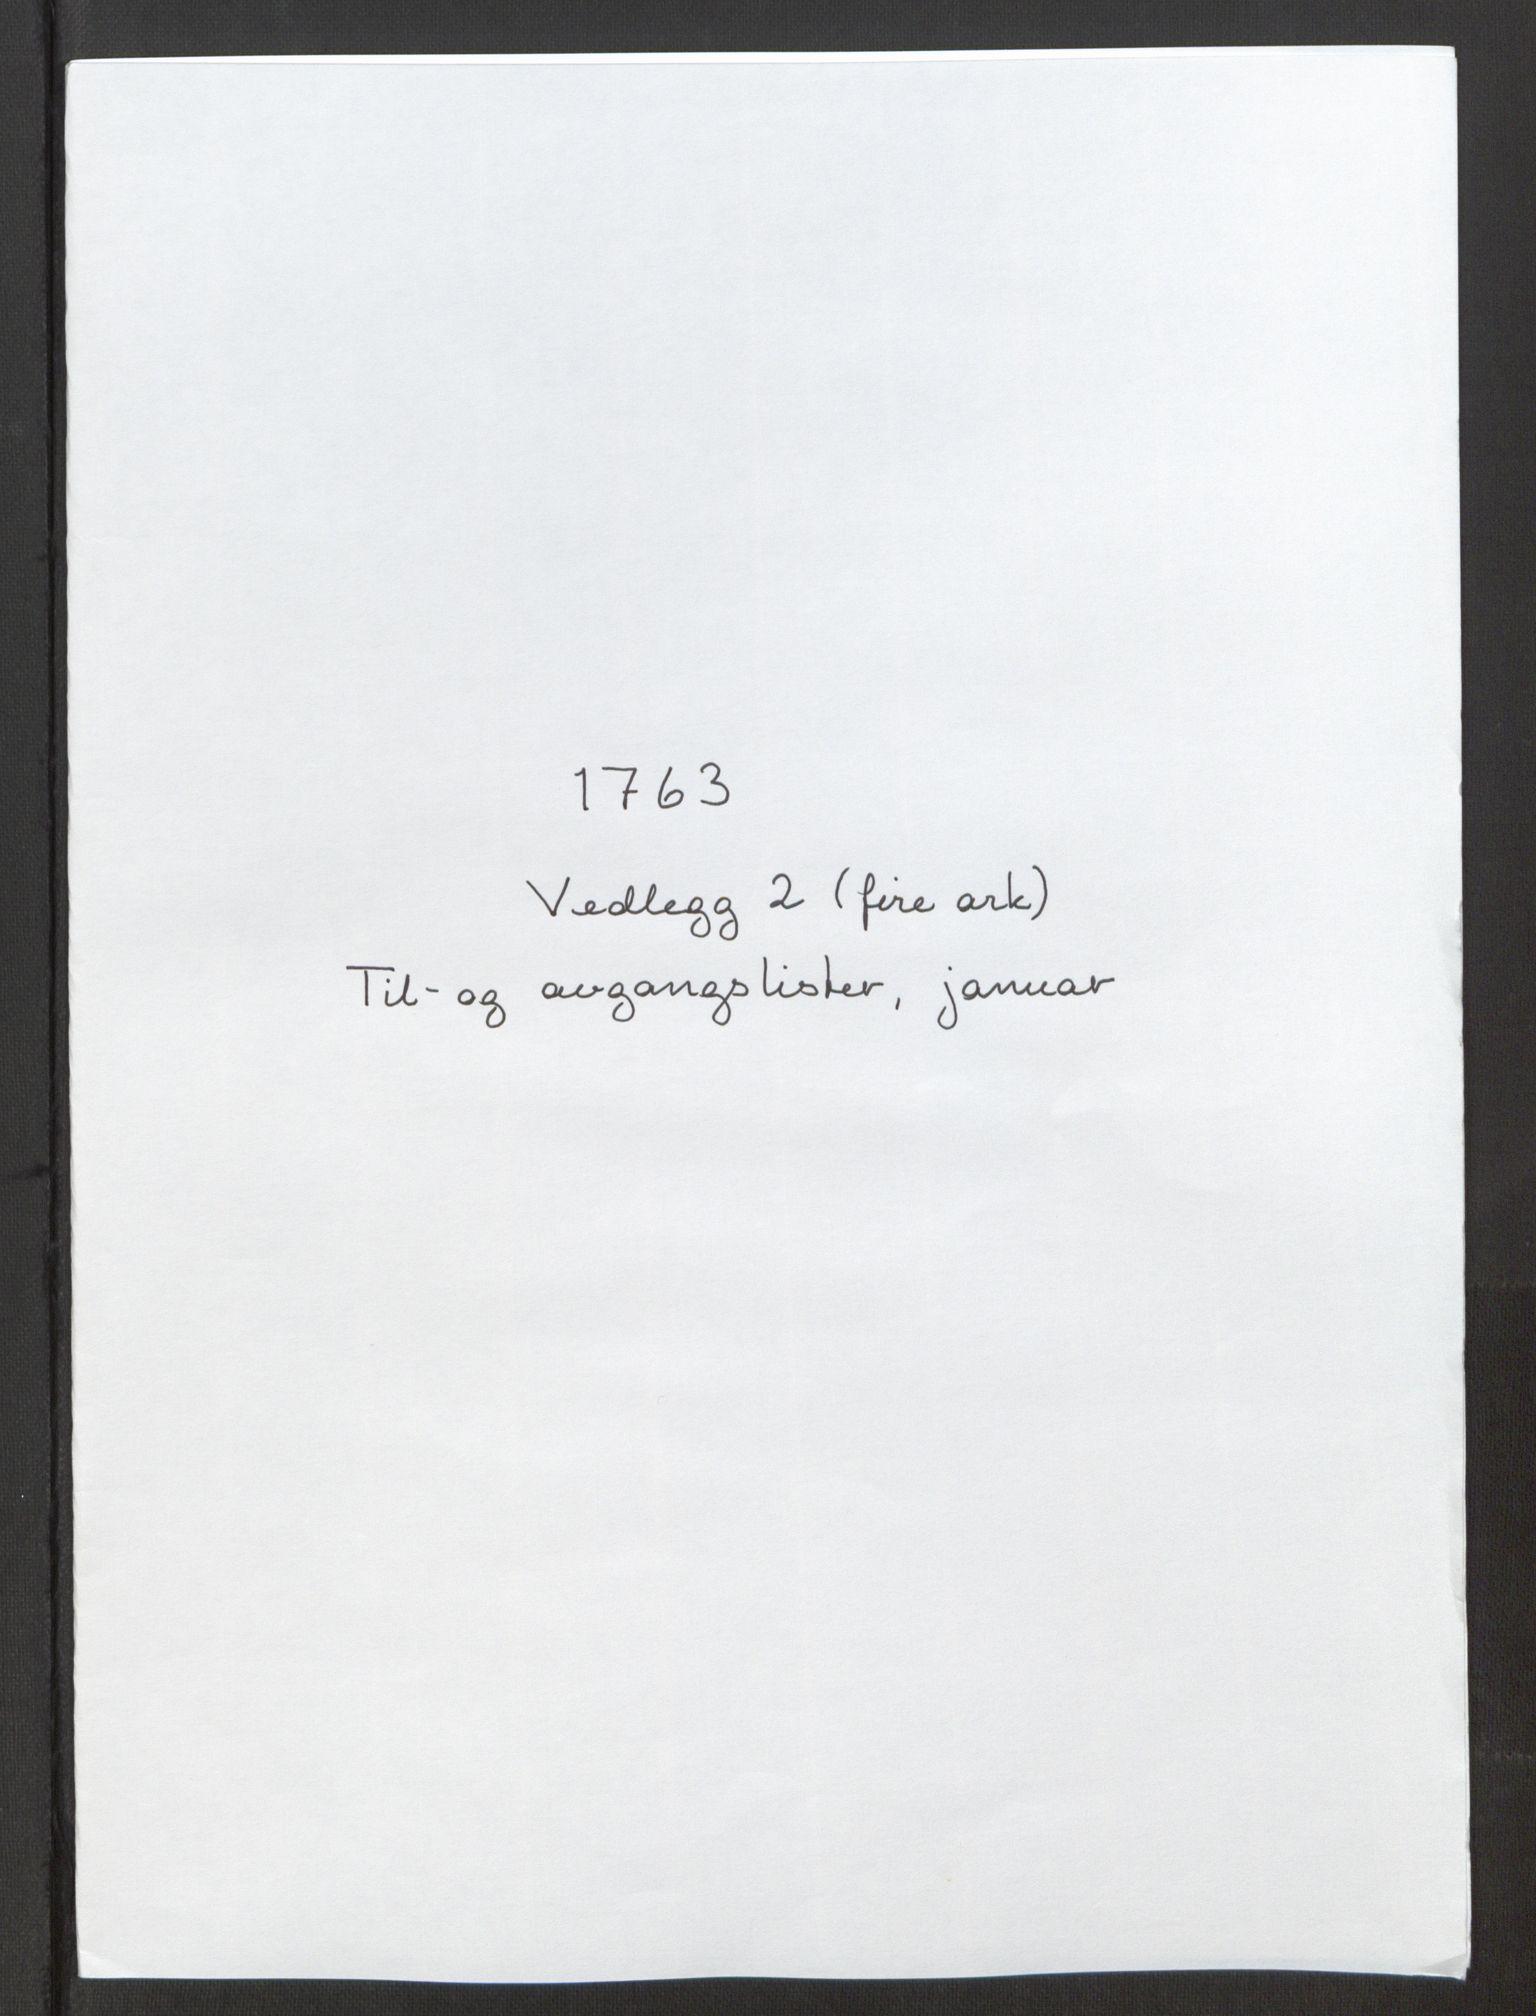 RA, Rentekammeret inntil 1814, Reviderte regnskaper, Fogderegnskap, R23/L1565: Ekstraskatten Ringerike og Hallingdal, 1762-1763, s. 370